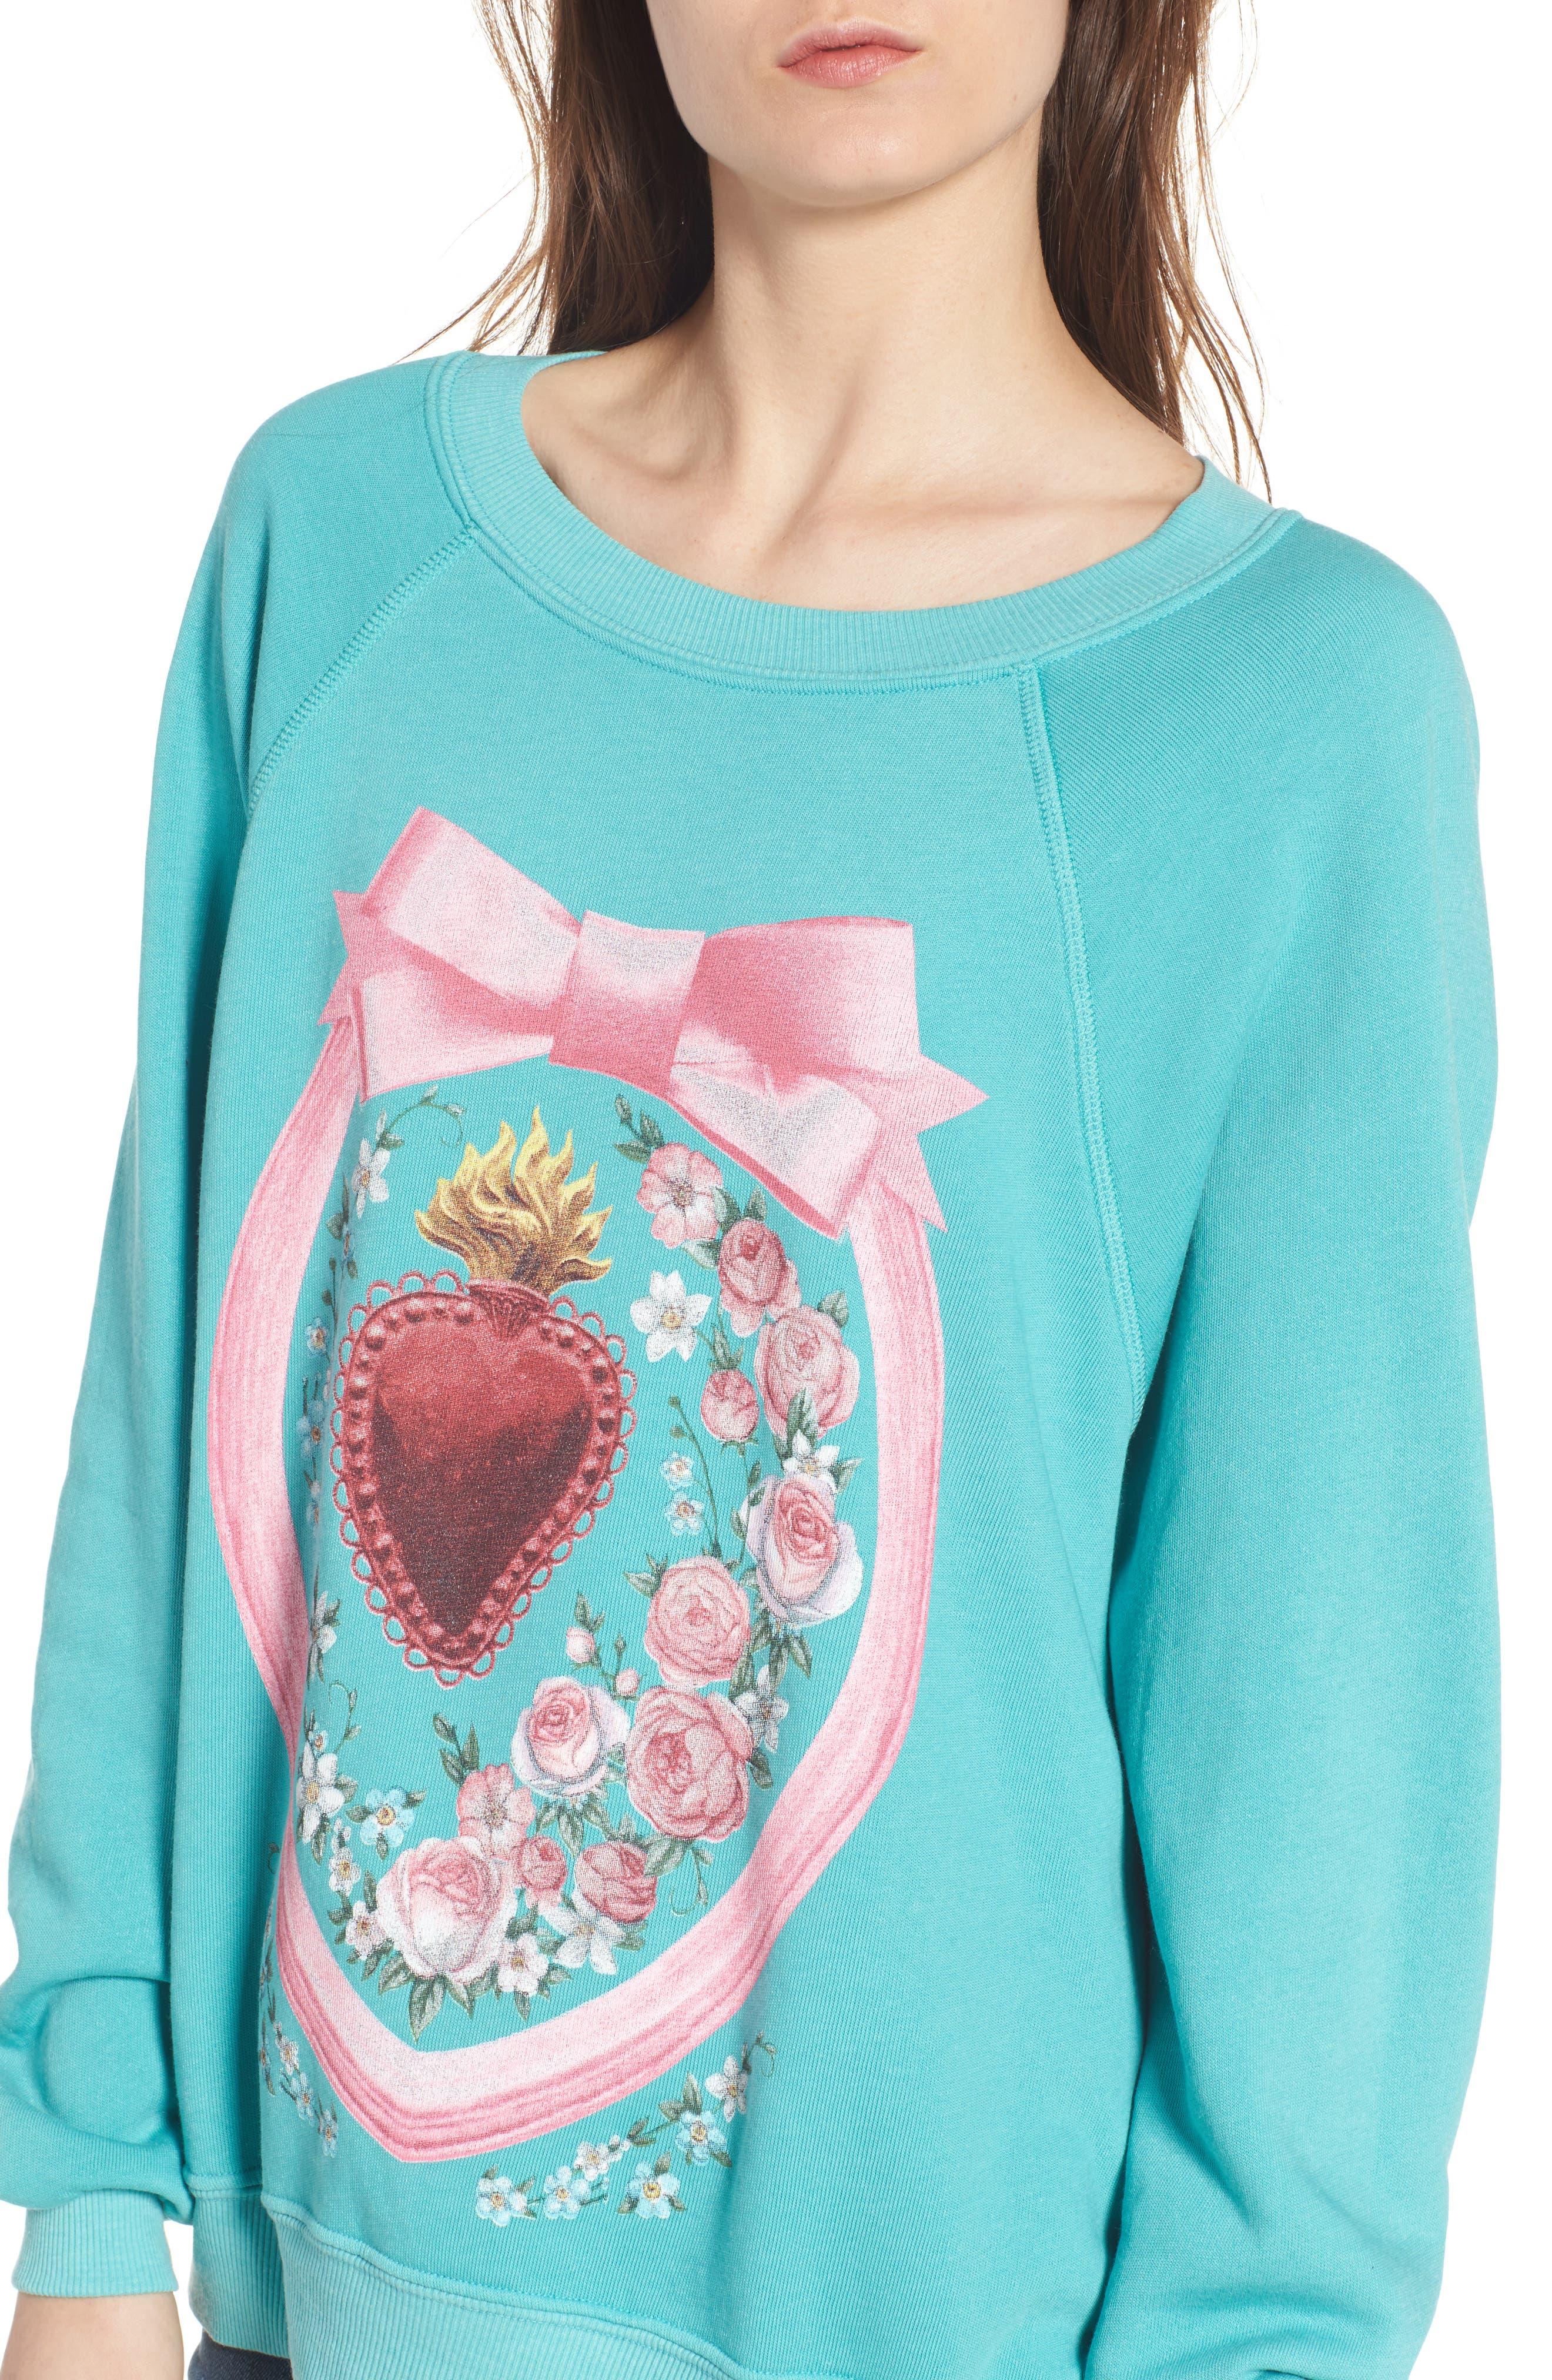 Heirlooms Sommers Sweatshirt,                             Alternate thumbnail 4, color,                             440